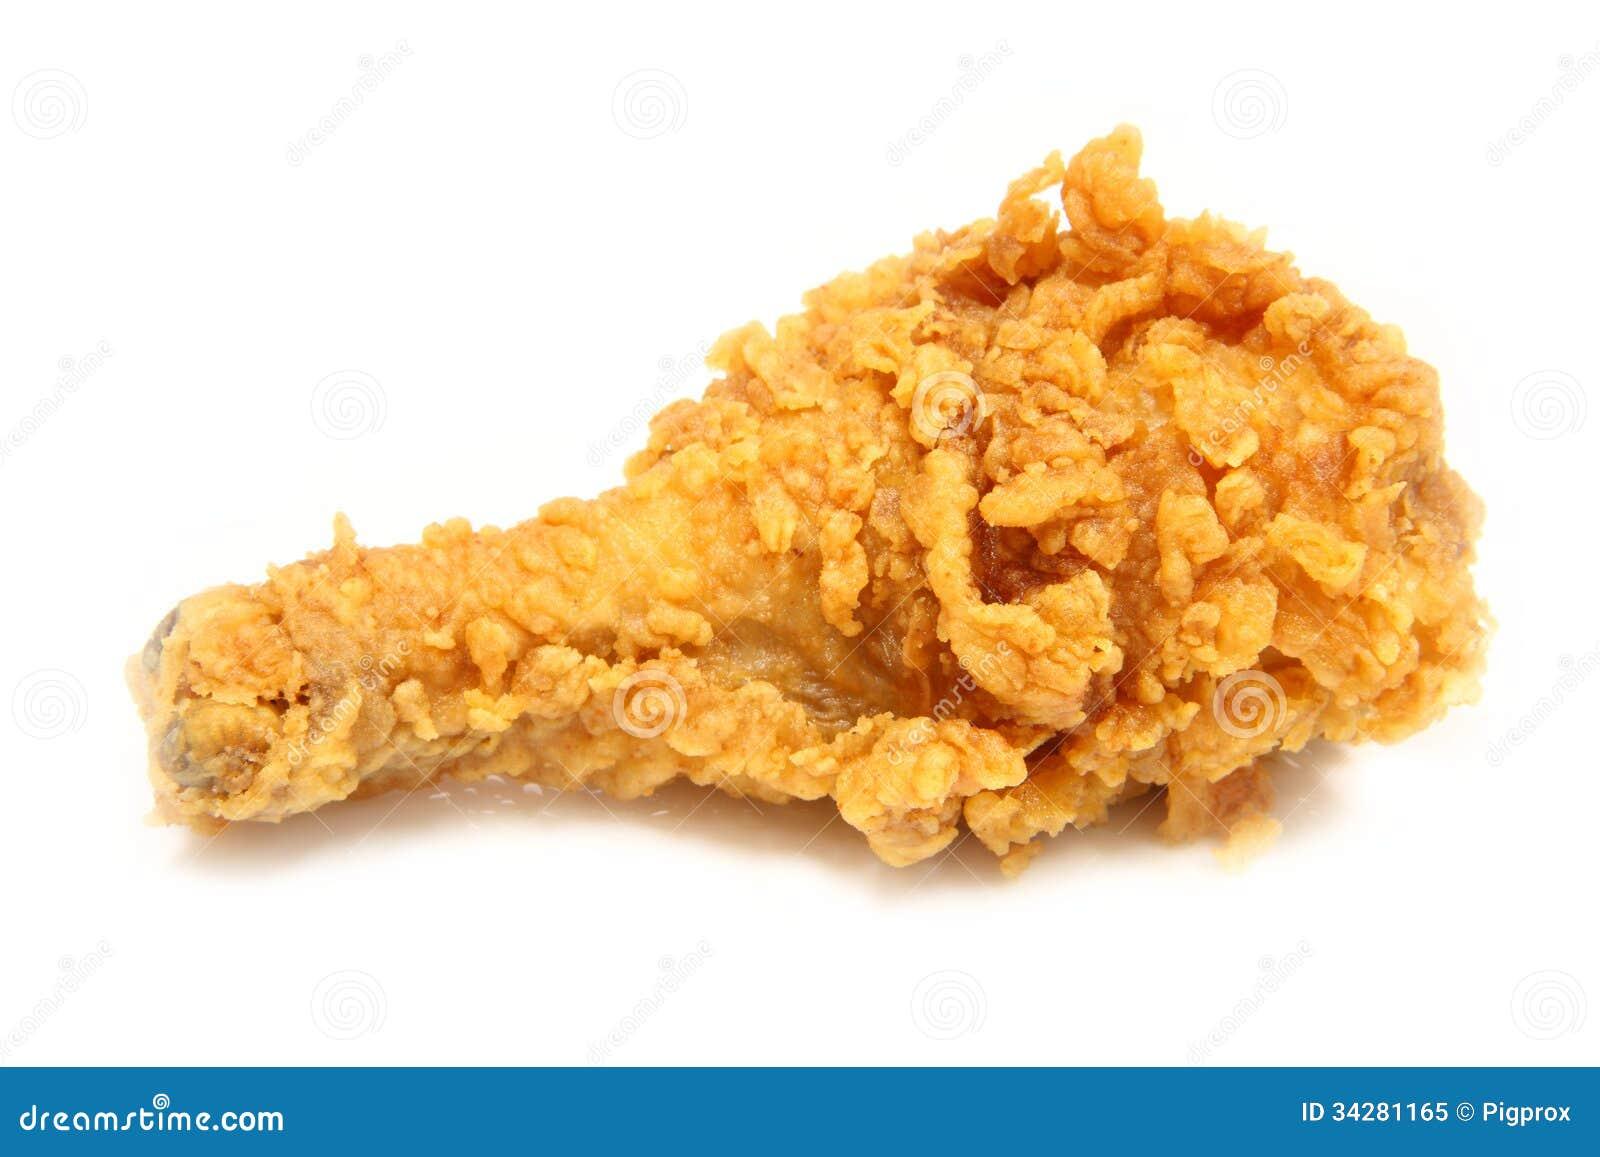 pilon de poulet frit d 39 or de brun photo libre de droits image 34281165. Black Bedroom Furniture Sets. Home Design Ideas